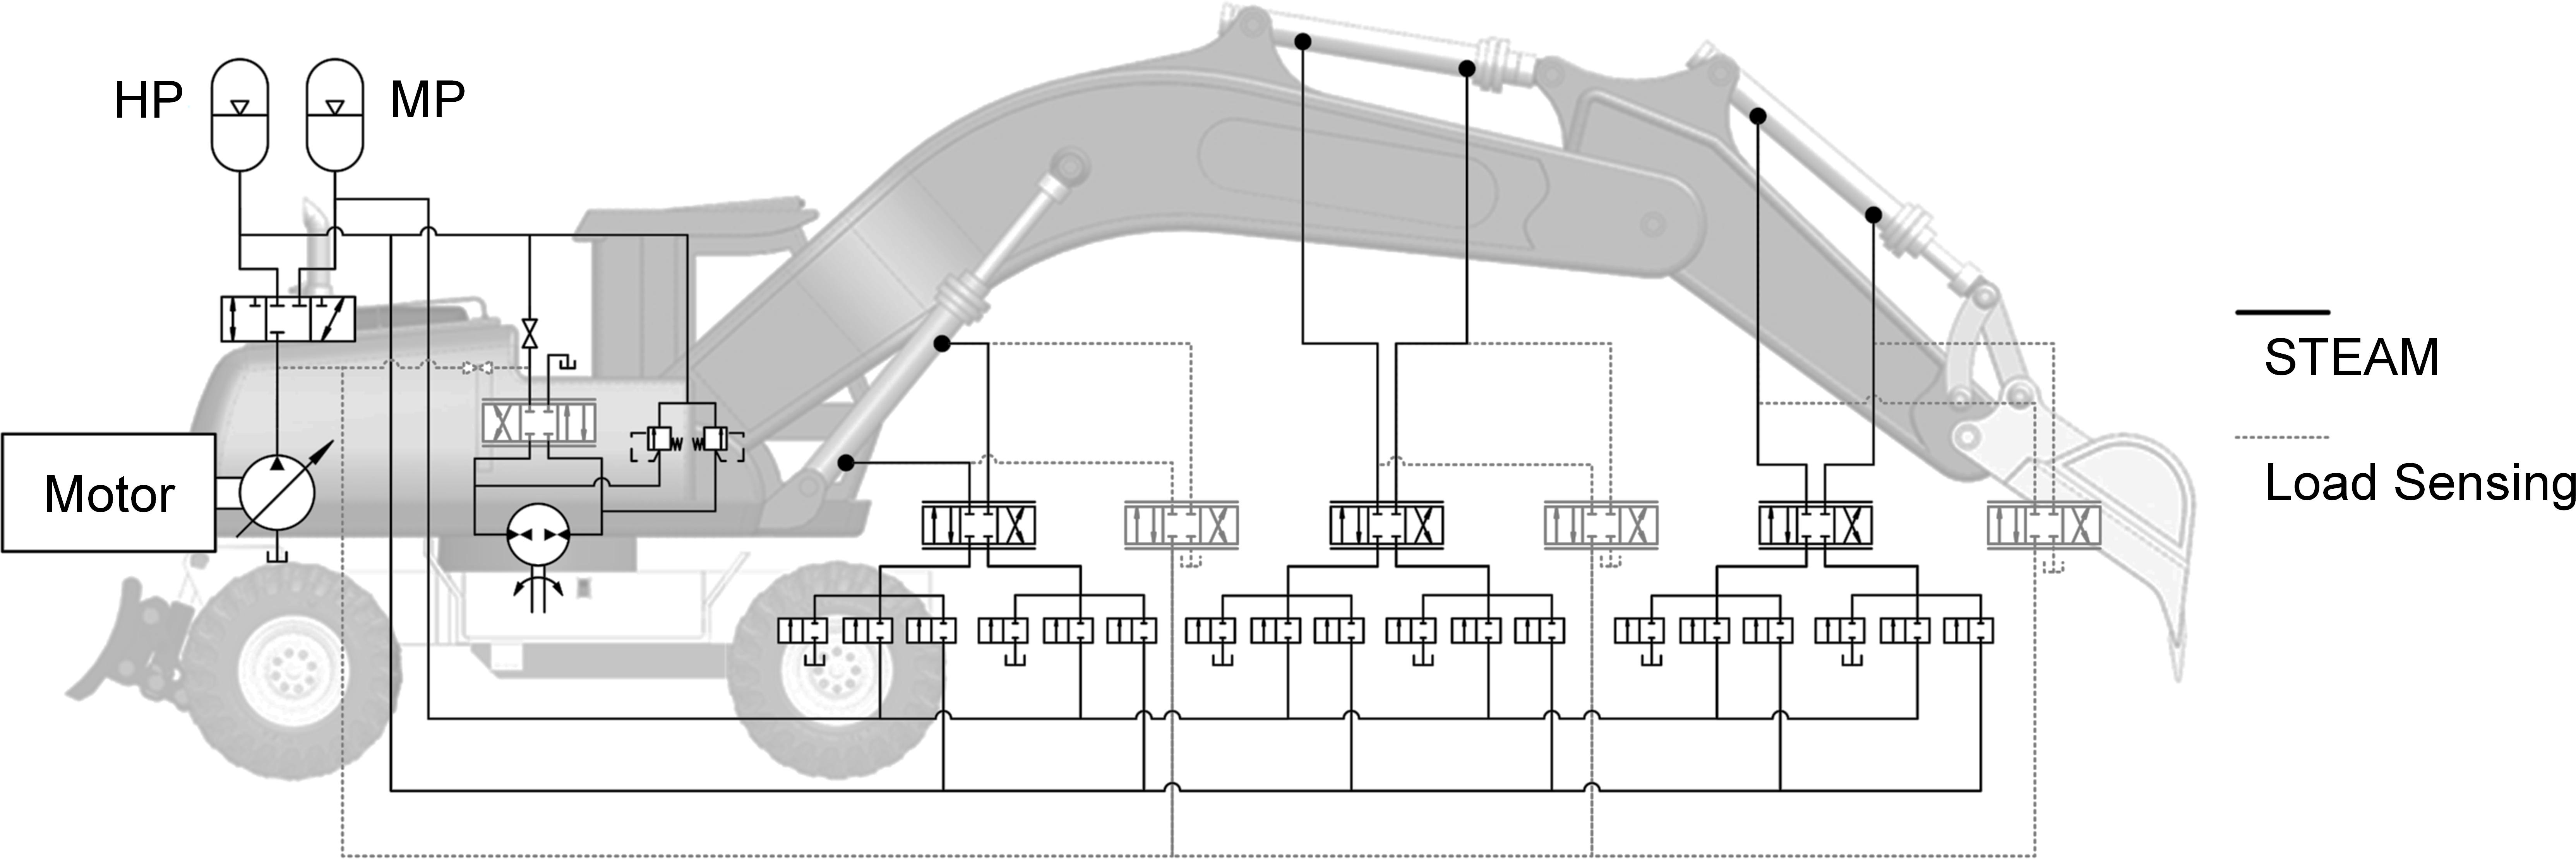 hydraulic circuit diagram of excavator Excavator Schematics excavator schematics wiring schematic